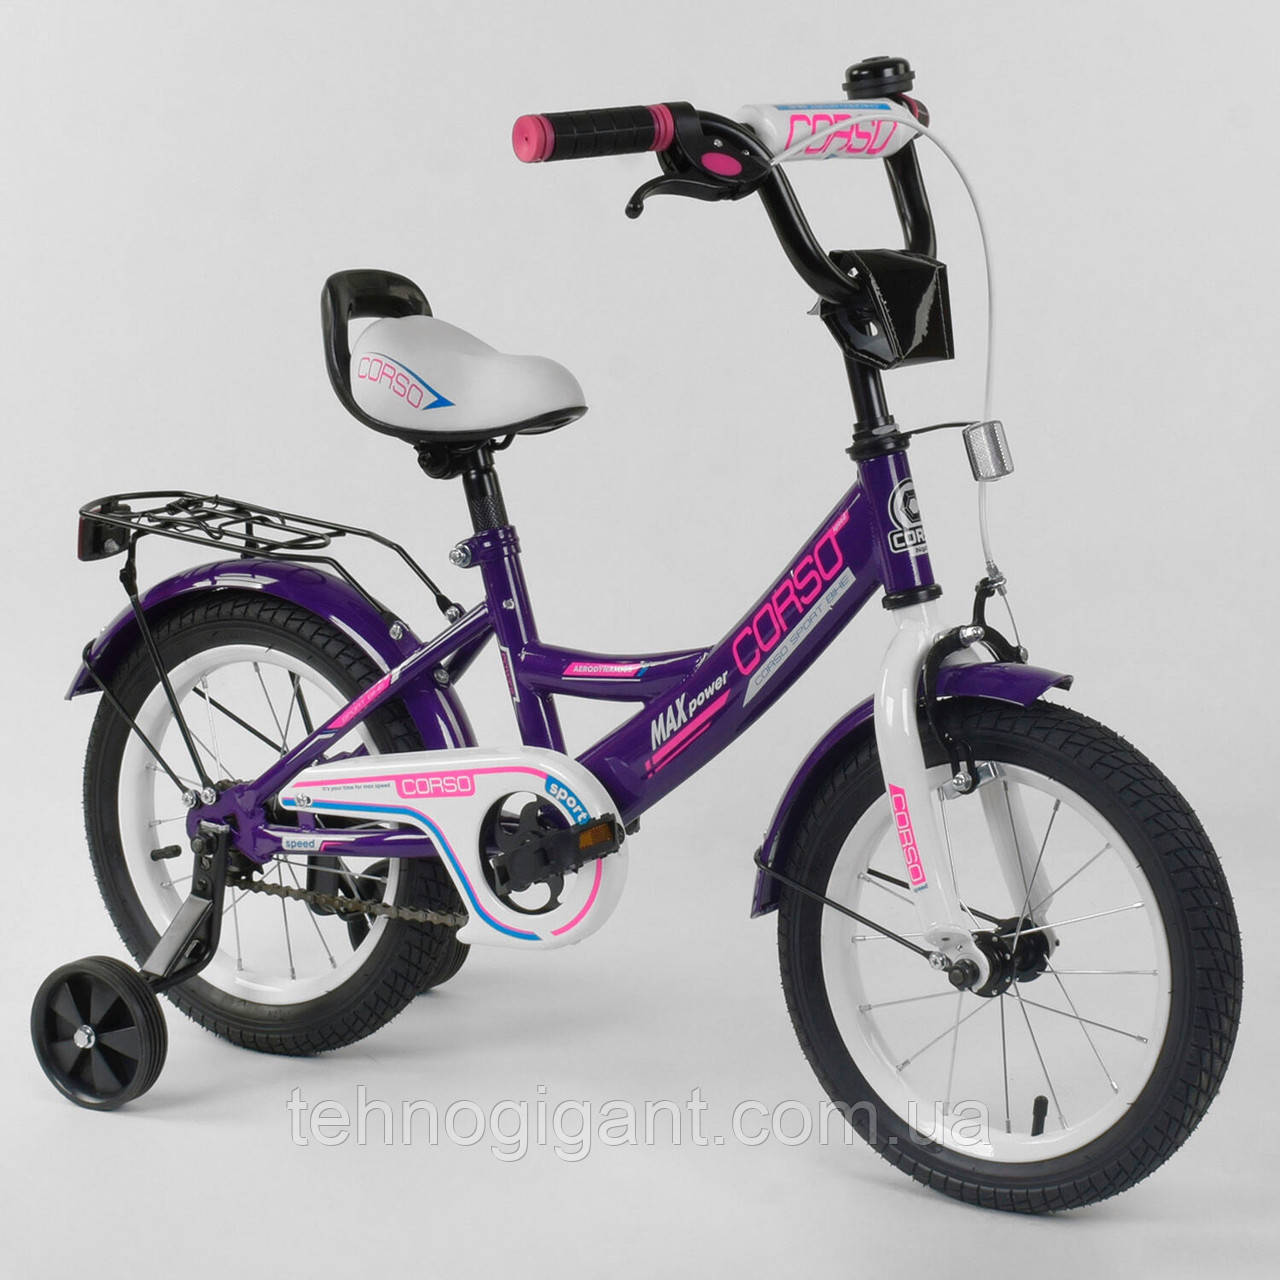 """Велосипед 14"""" дюймов 2-х колёсный """"CORSO""""  Фиолетовый, ручной тормоз, звоночек, сидение с ручкой, доп. колеса"""